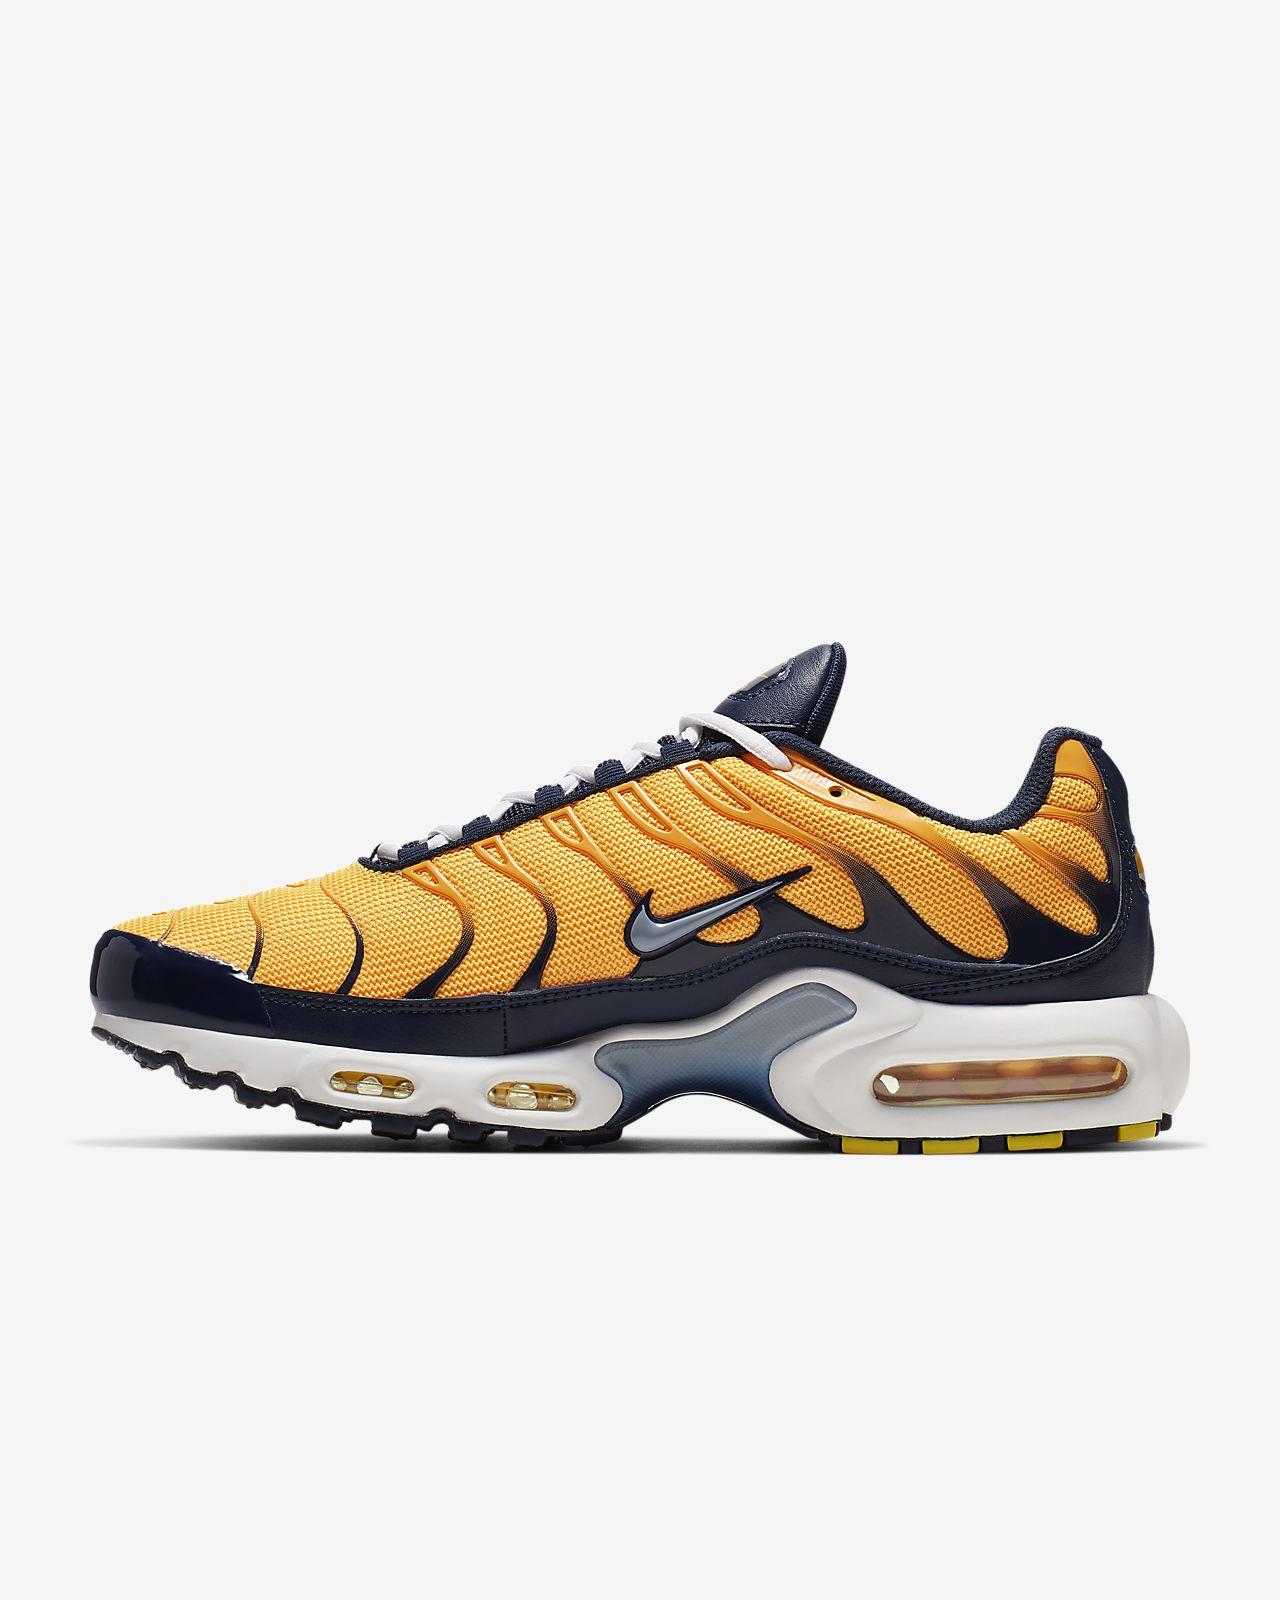 รองเท้าผู้ชาย Nike Air Max Plus SE